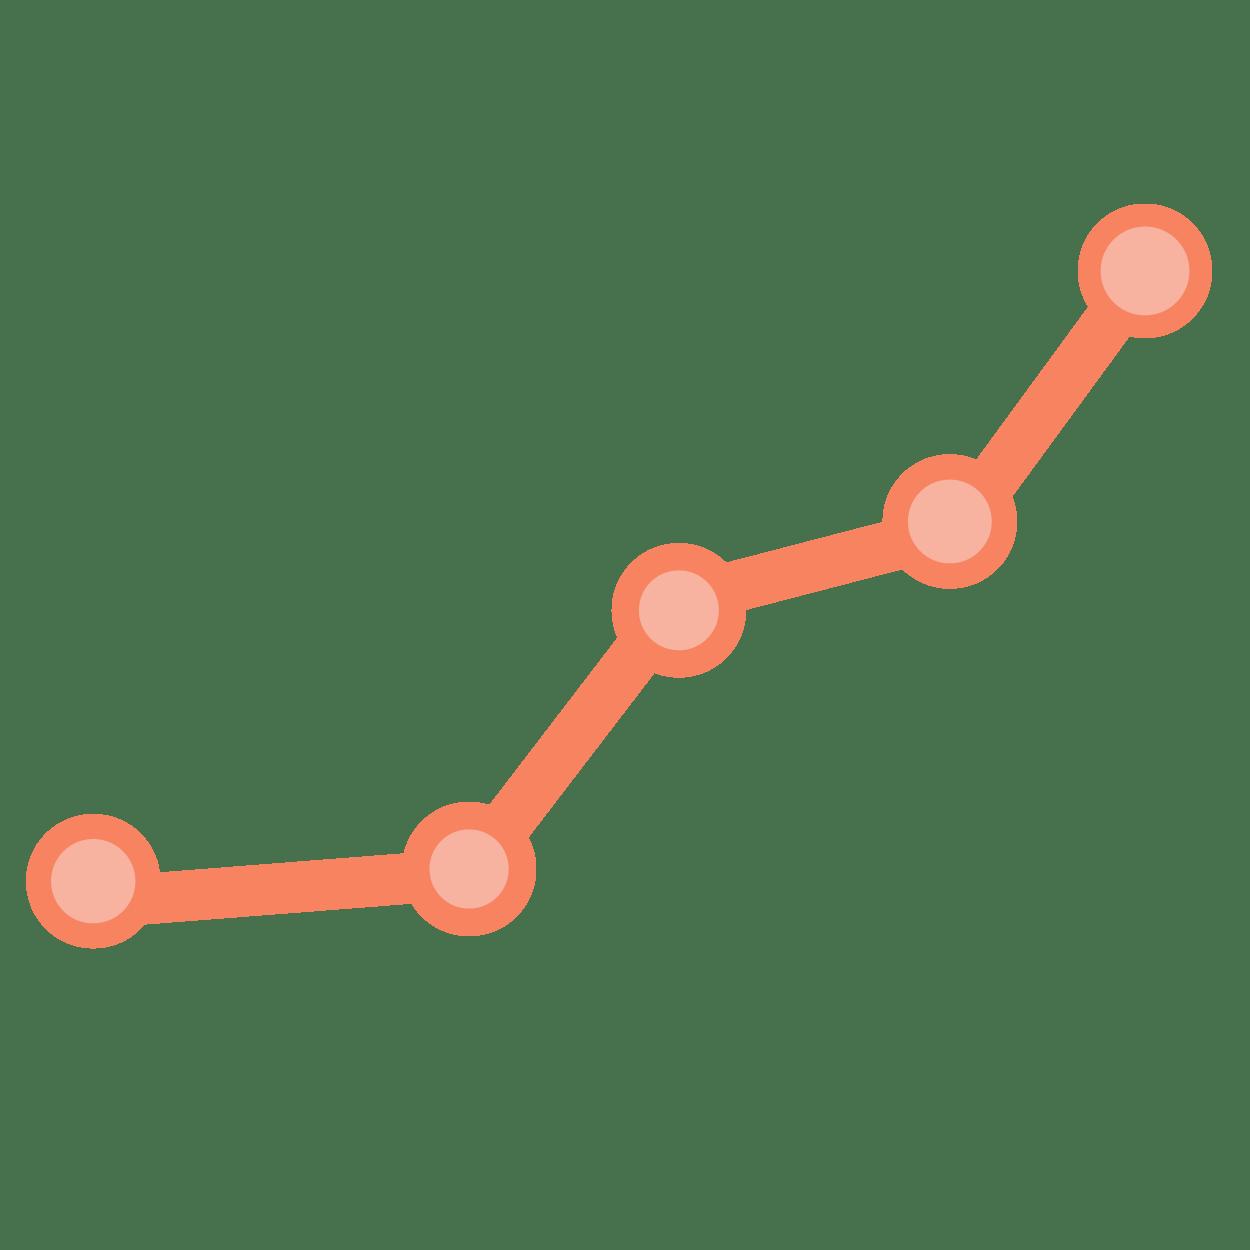 Graph Clipart Pictograph Graph Pictograph Transparent